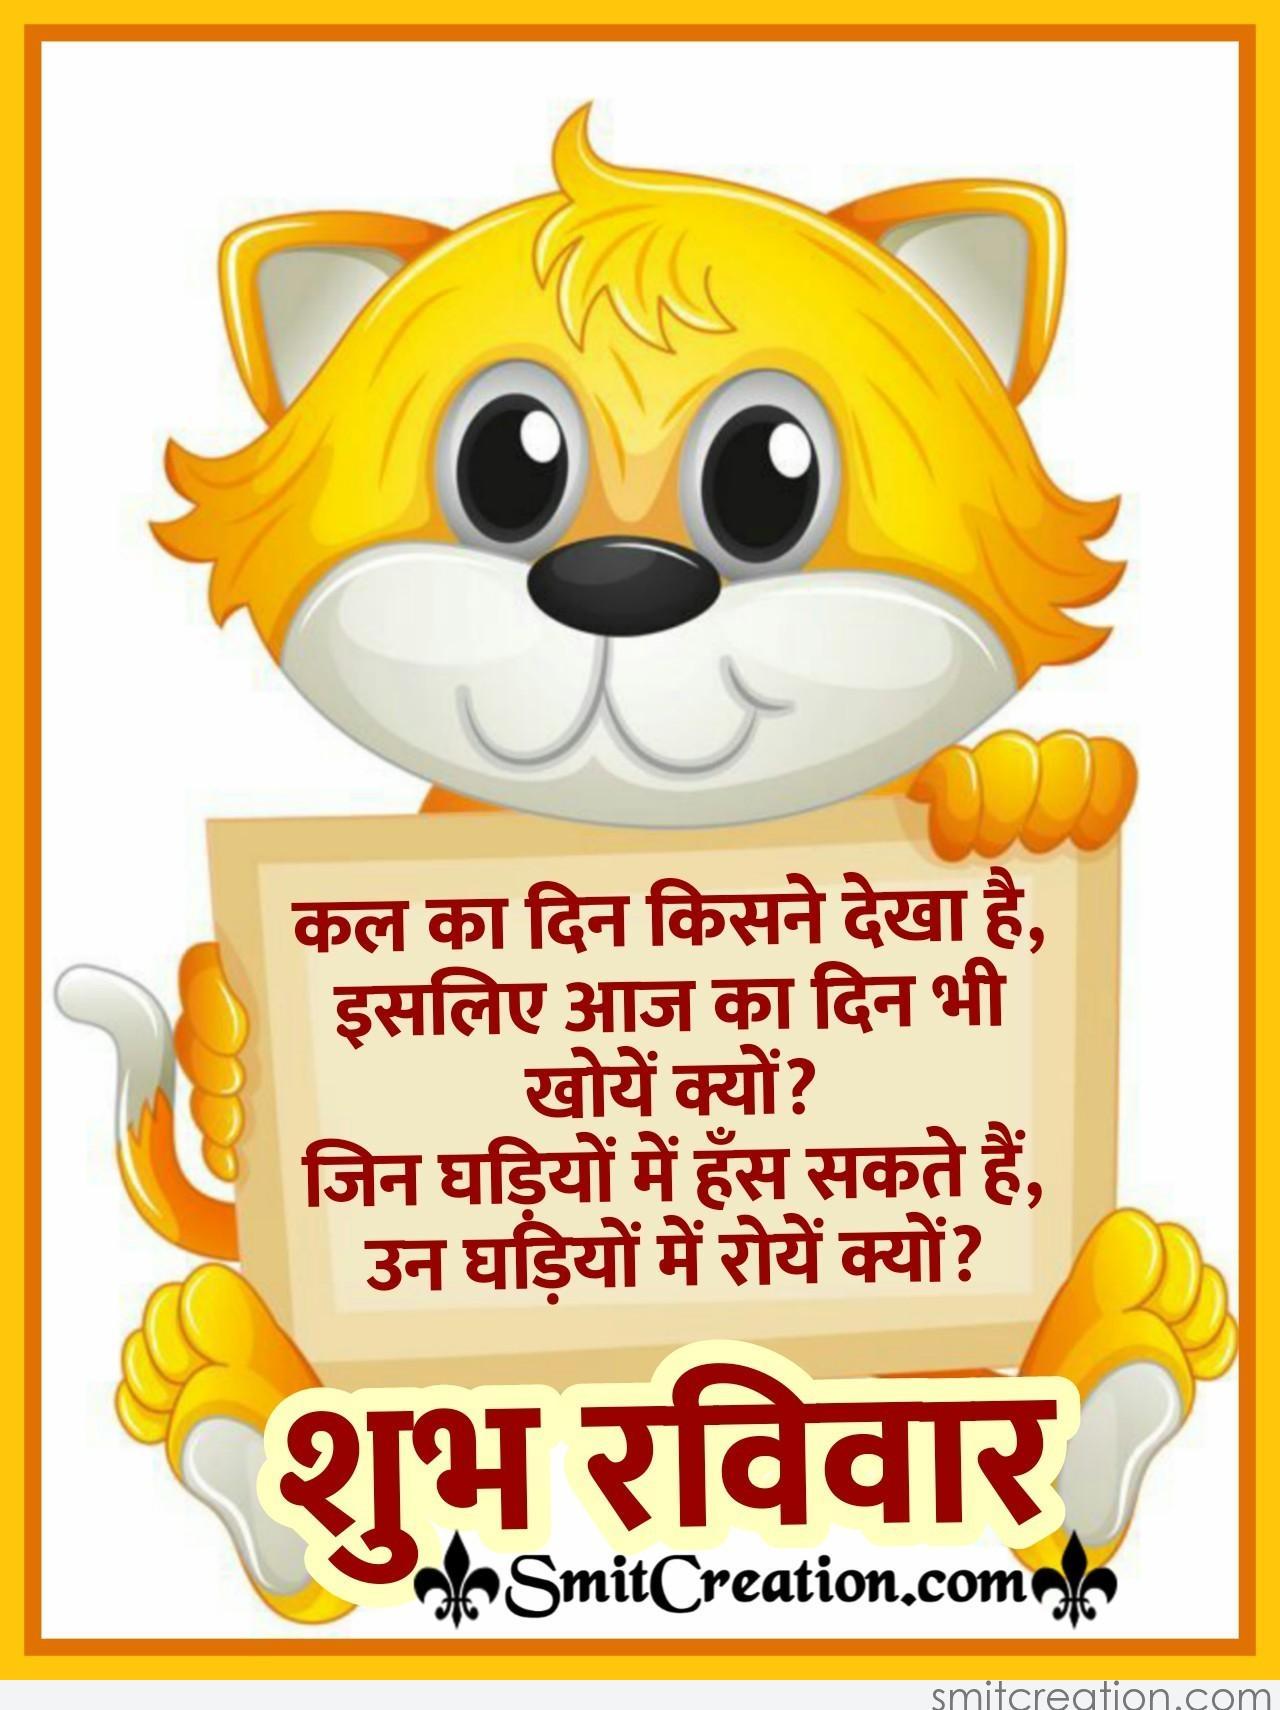 Shubh Prabhat Shubh Ravivar - SmitCreation.com